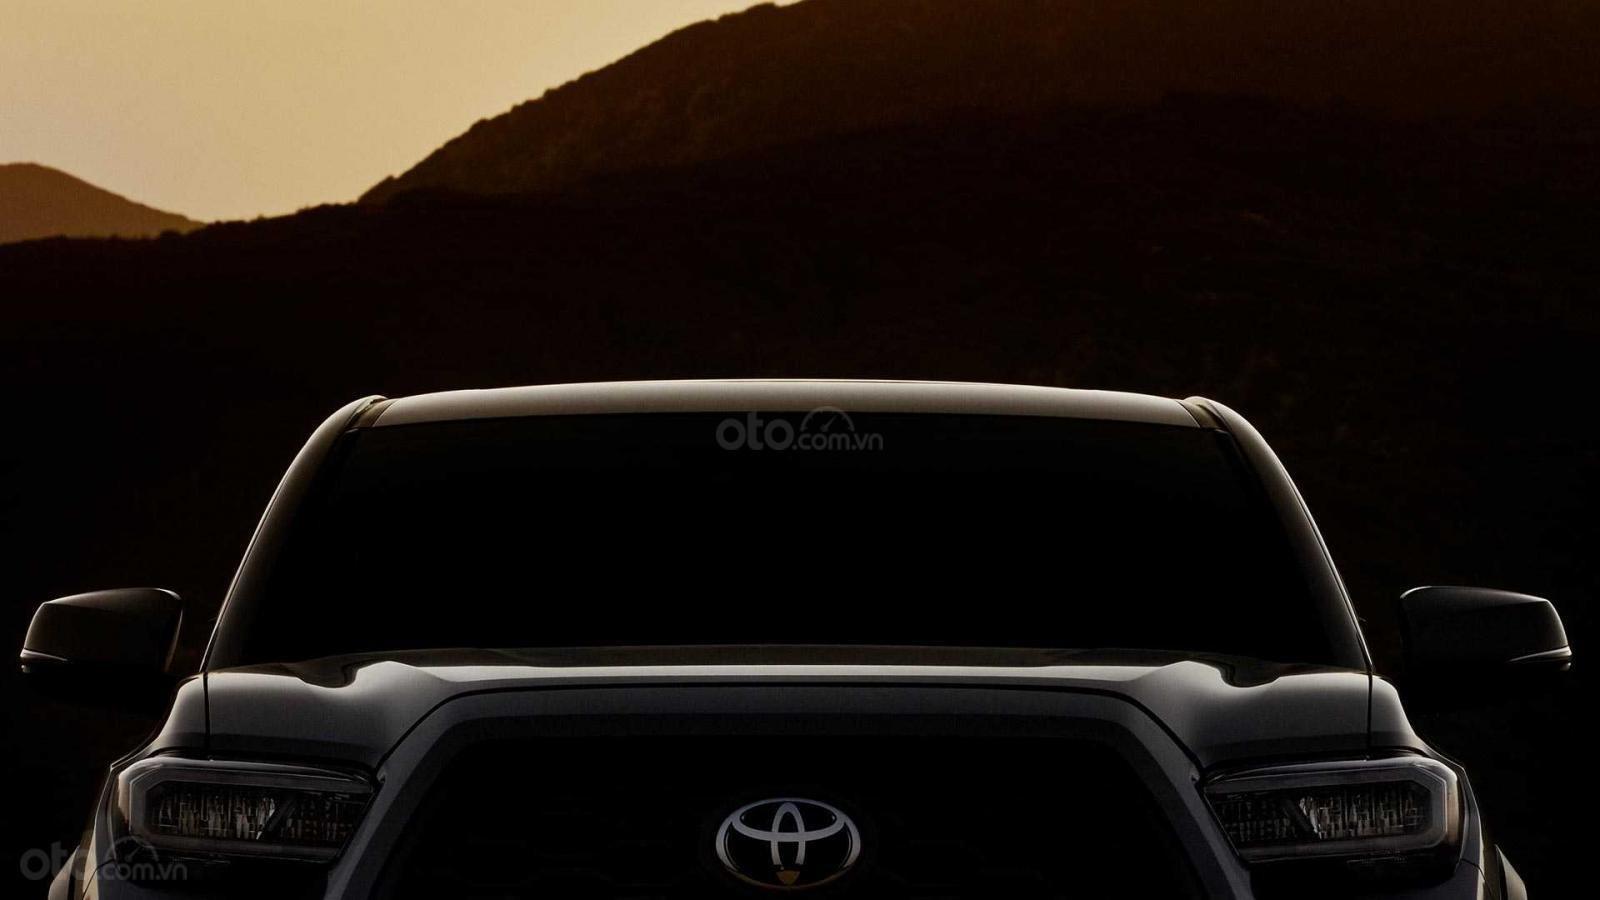 Toyota Tacoma 2020 nhá hàng với diện mạo mới